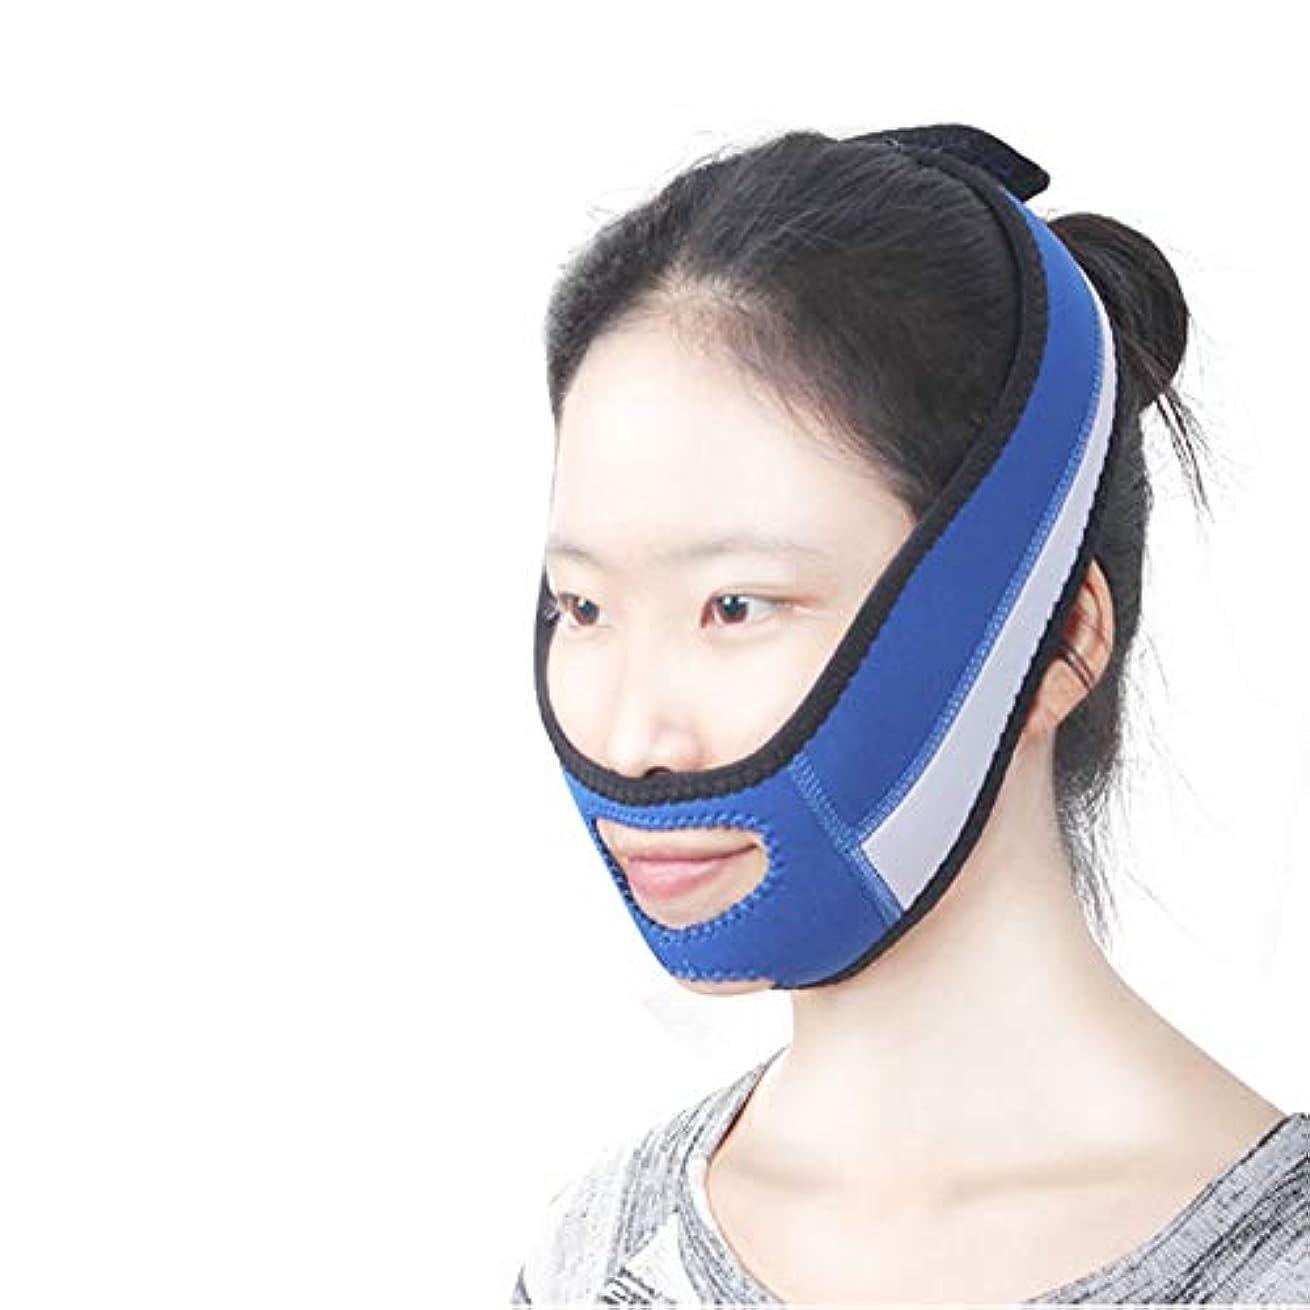 保護反乱類推薄い顔ベルト、リフティングタイプフェイスマスクフェイス重包帯ユニセックス薄い顔音源小V顔包帯ダブルチンリデューサー (Color : A)